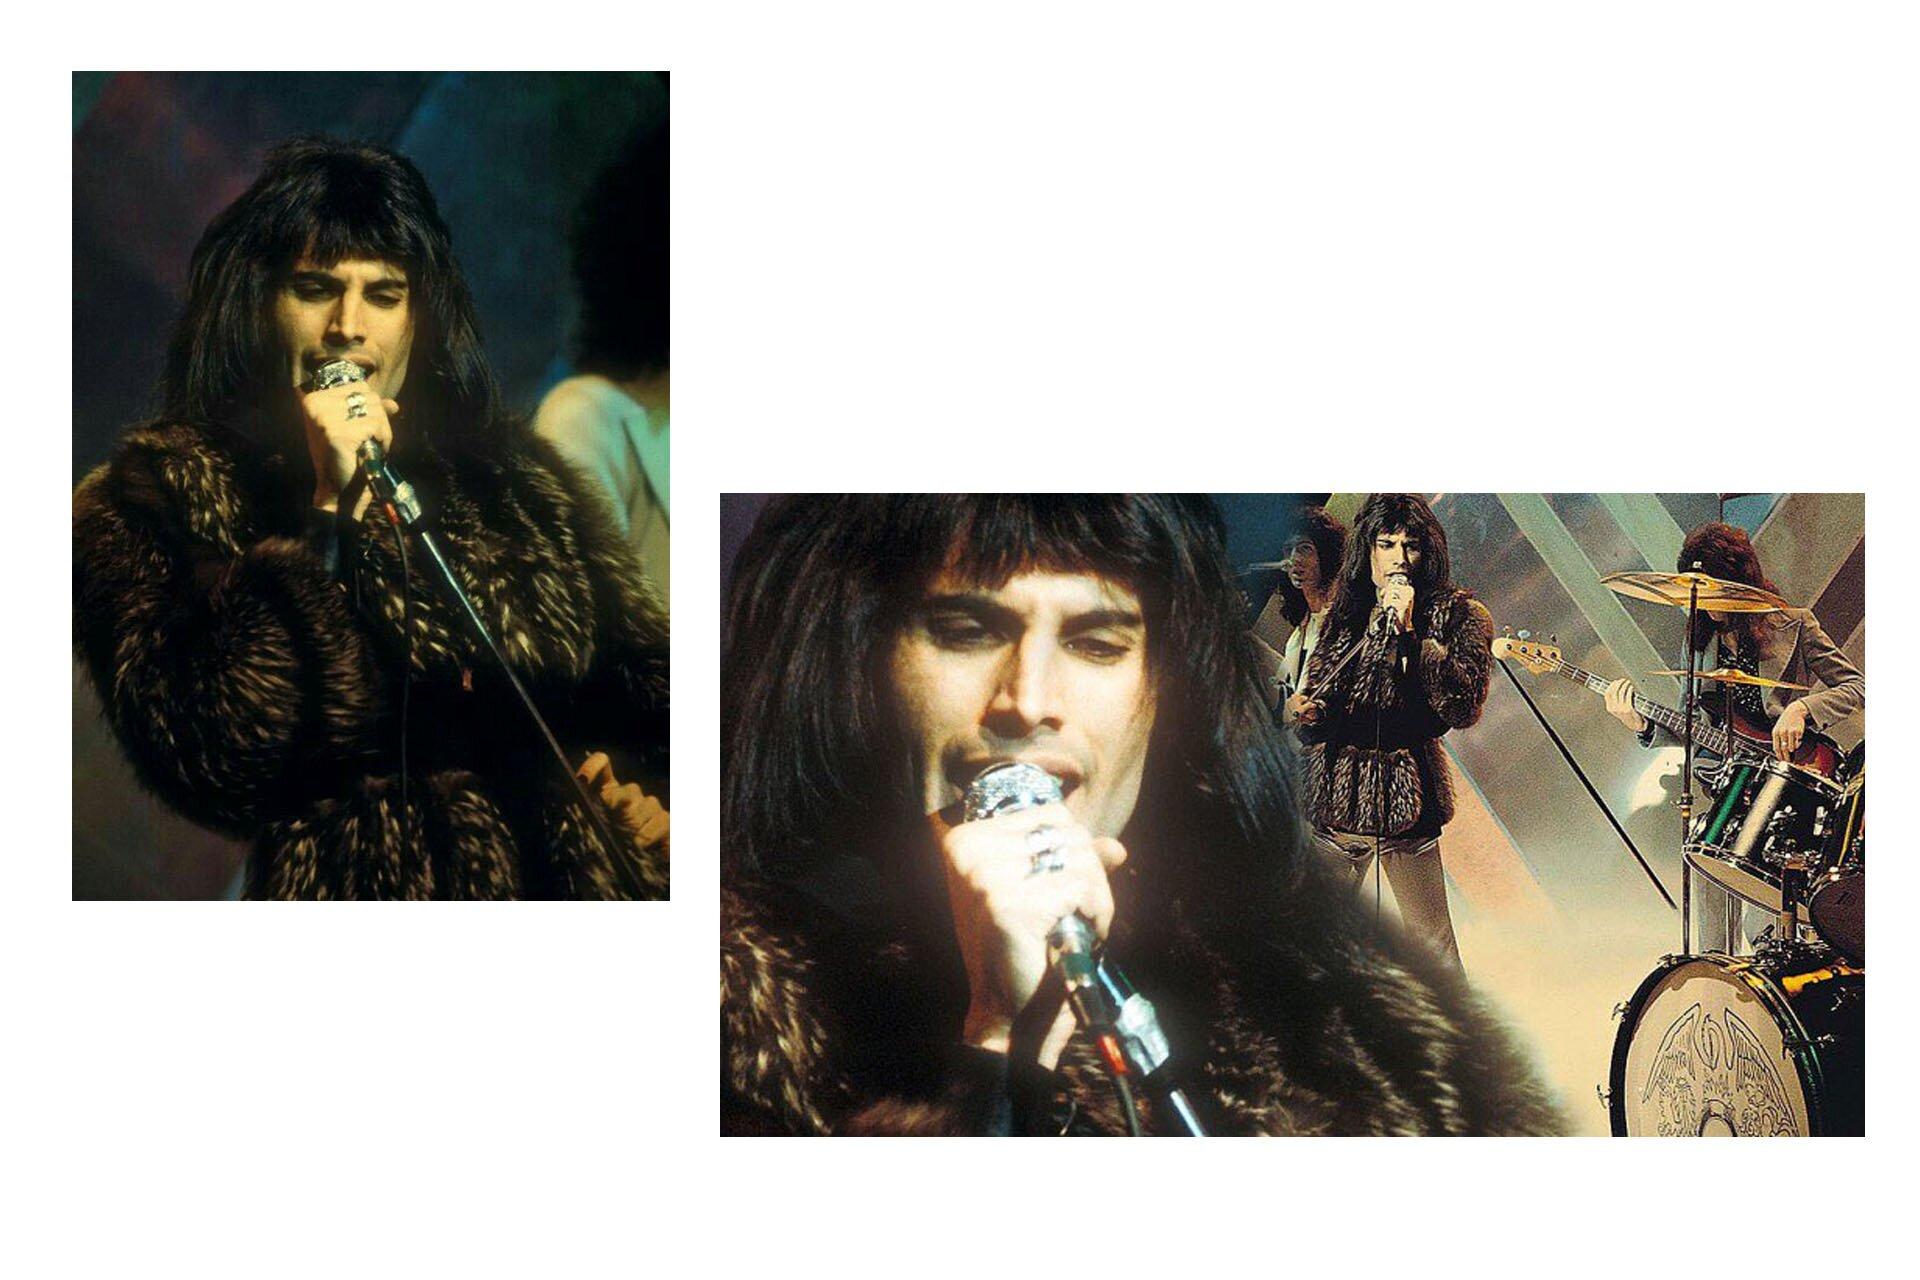 Wszyscy powinniśmy ubierać się jak Freddie, Freddie Mercury, Stylizacje Queen, Stylizacje Freddie, Futro Killer Queen, 10 przełomowych wcieleń modowych Freddiego